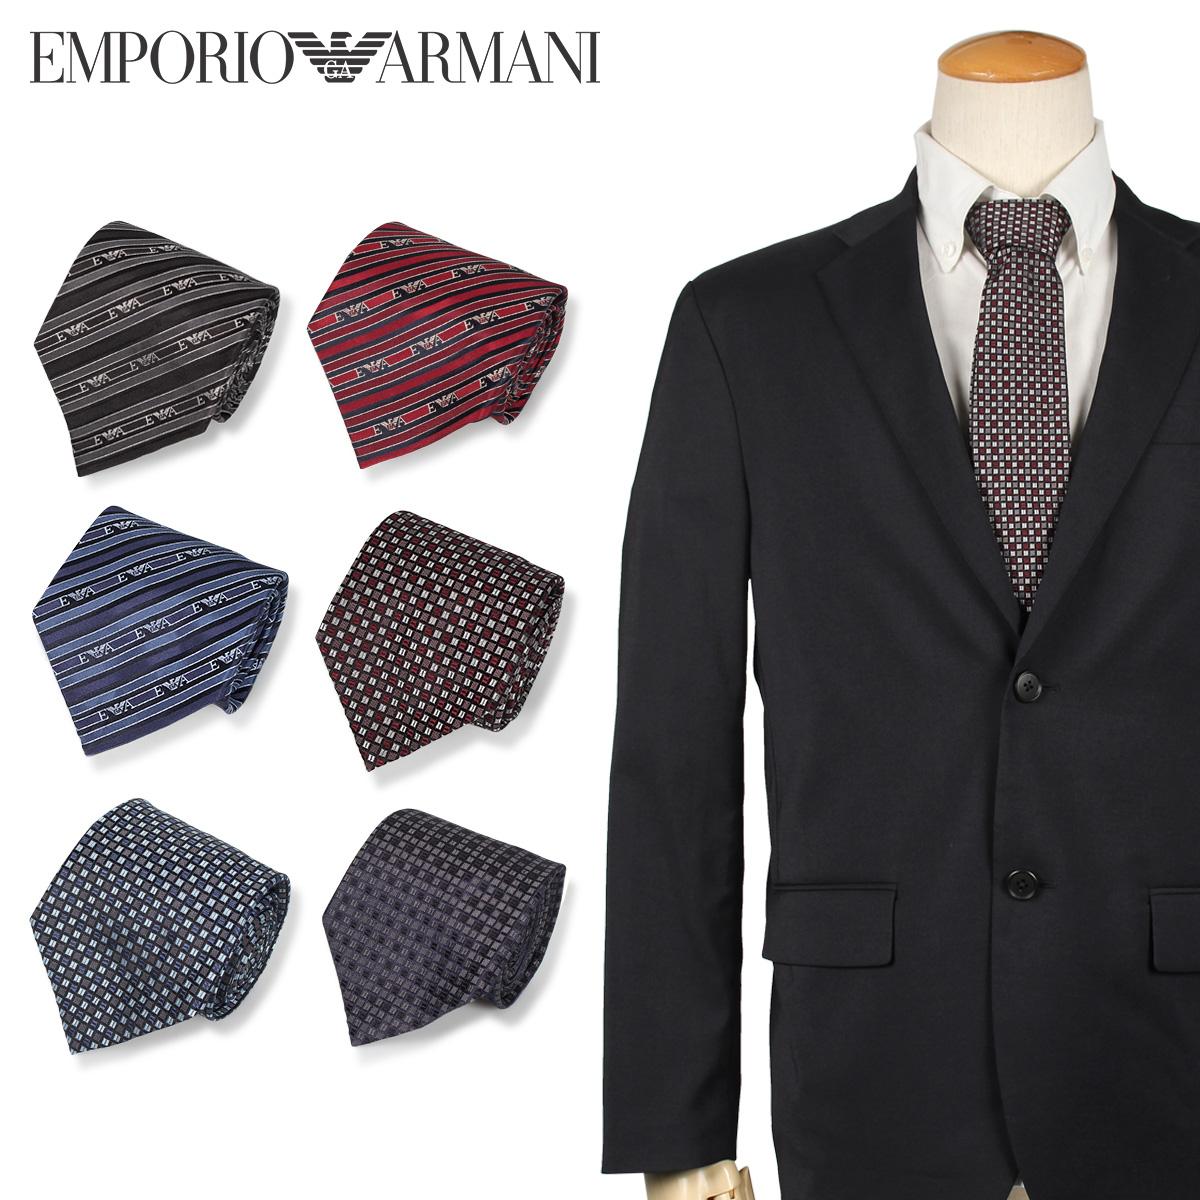 EMPORIO ARMANI エンポリオ アルマーニ ネクタイ メンズ イタリア製 シルク ビジネス 結婚式 ブラック ネイビー ワイン レッド ブルー ダークブルー 黒